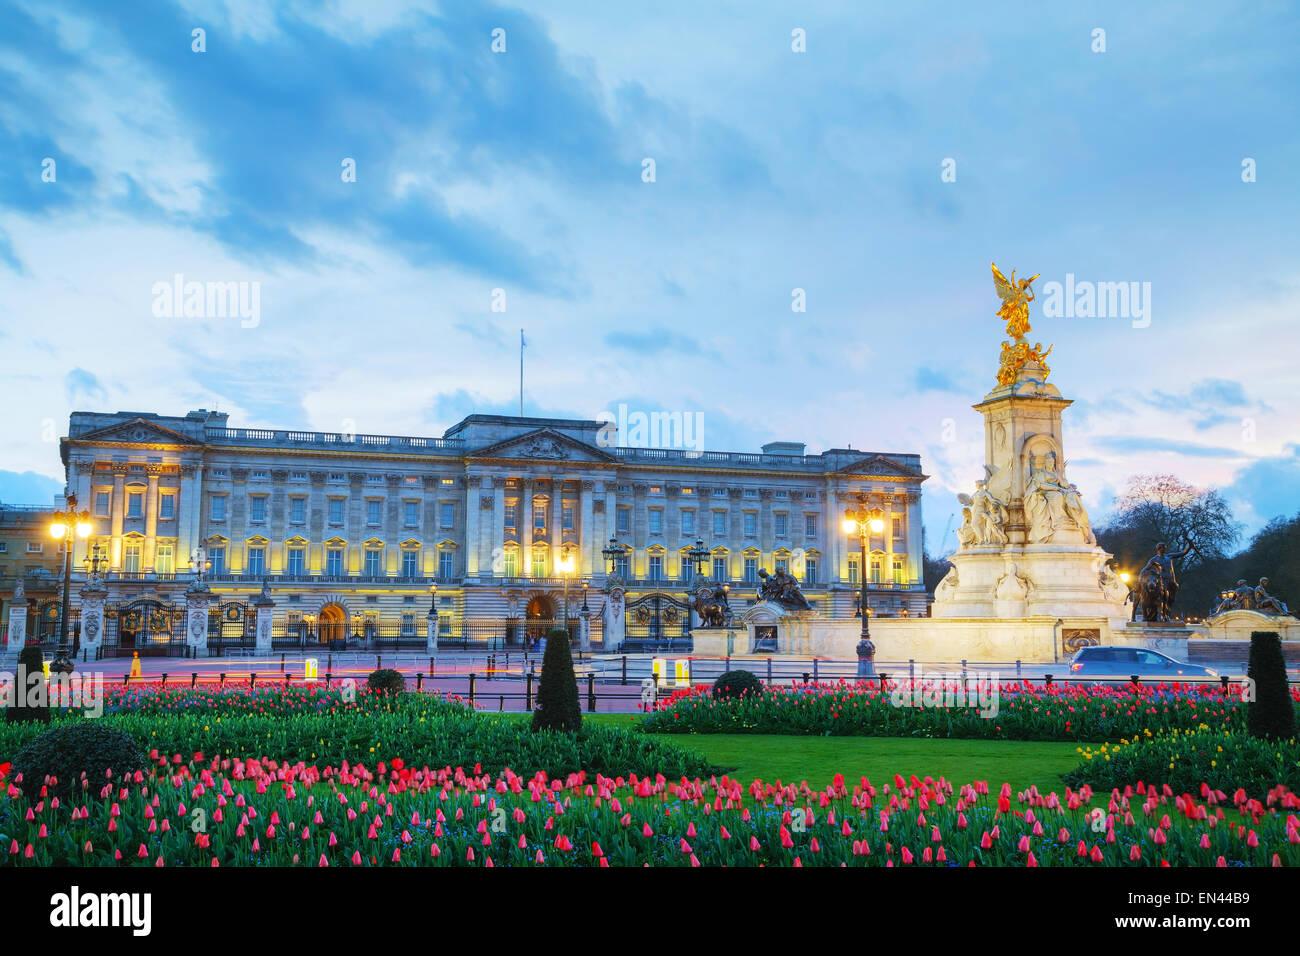 Le palais de Buckingham à Londres, Grande-Bretagne au coucher du soleil Photo Stock